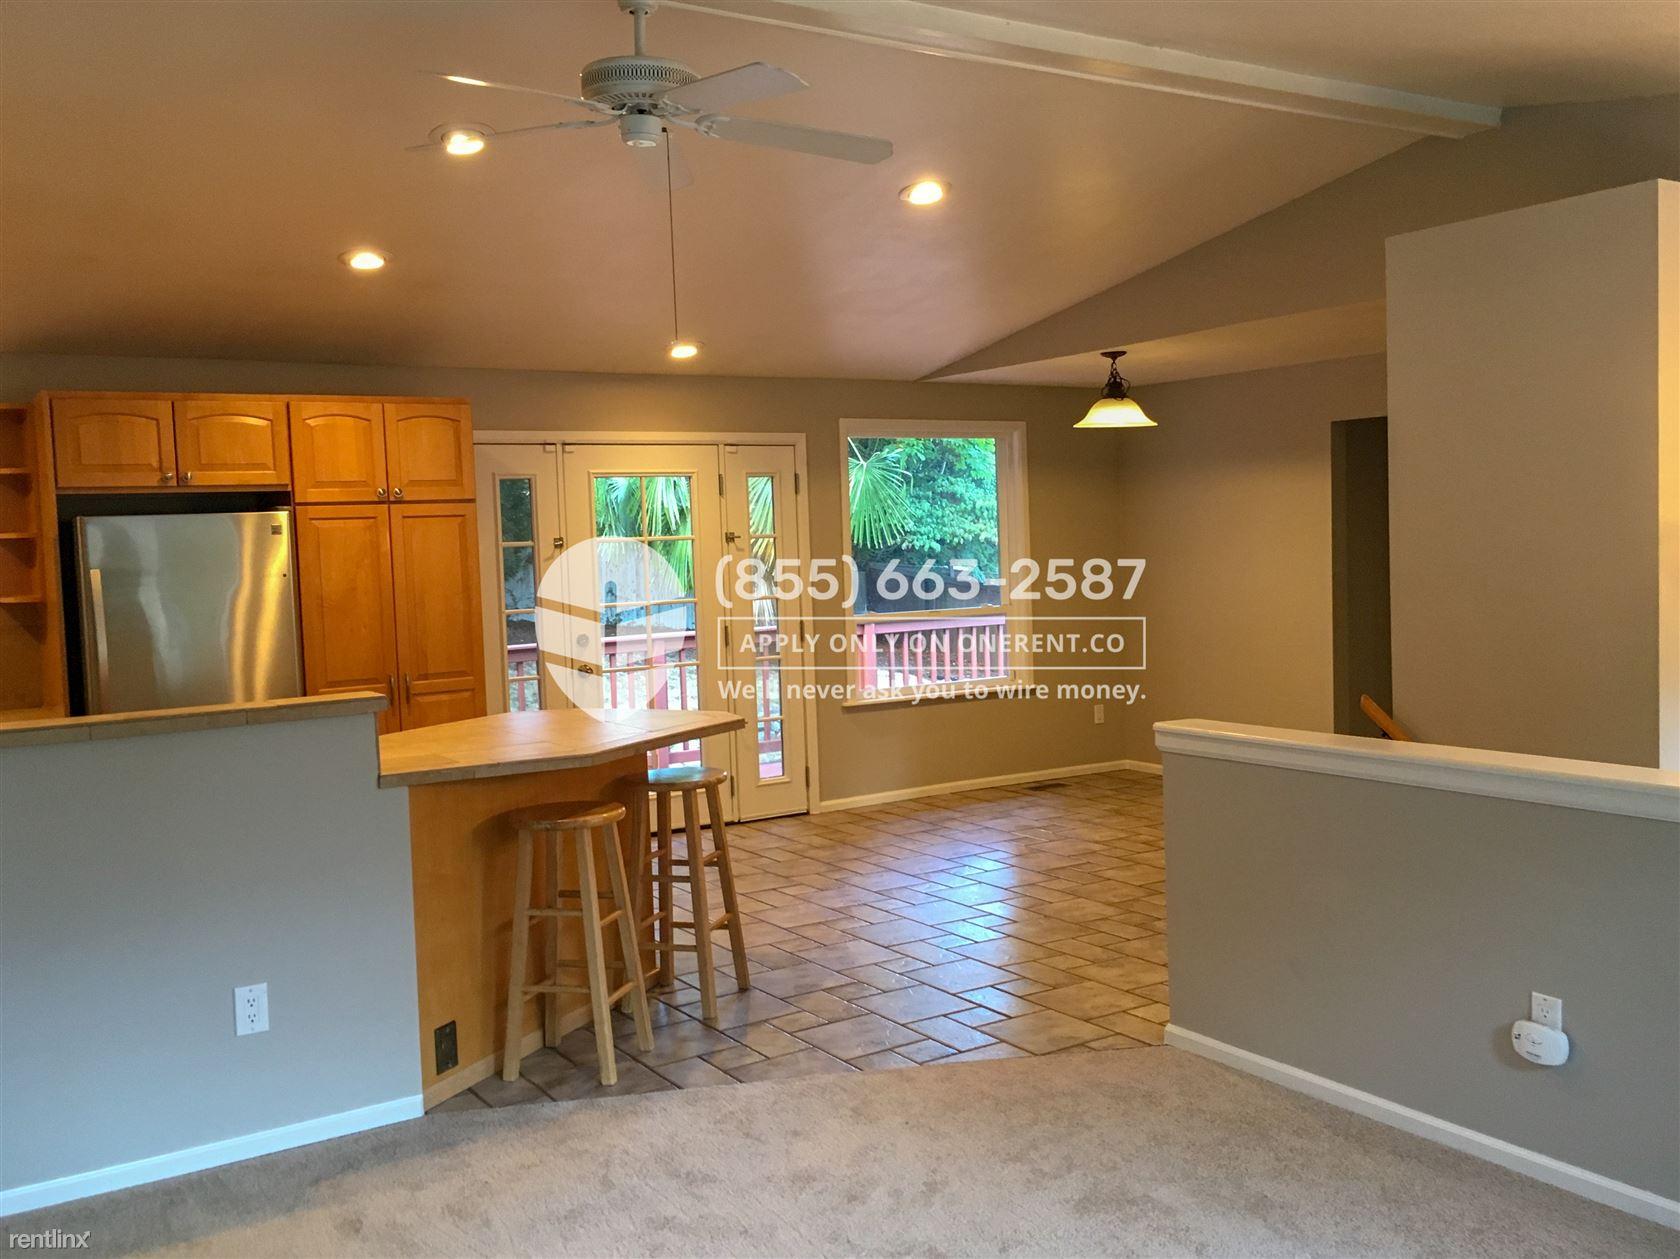 9738 NE 138th Pl, Kirkland, WA - $2,850